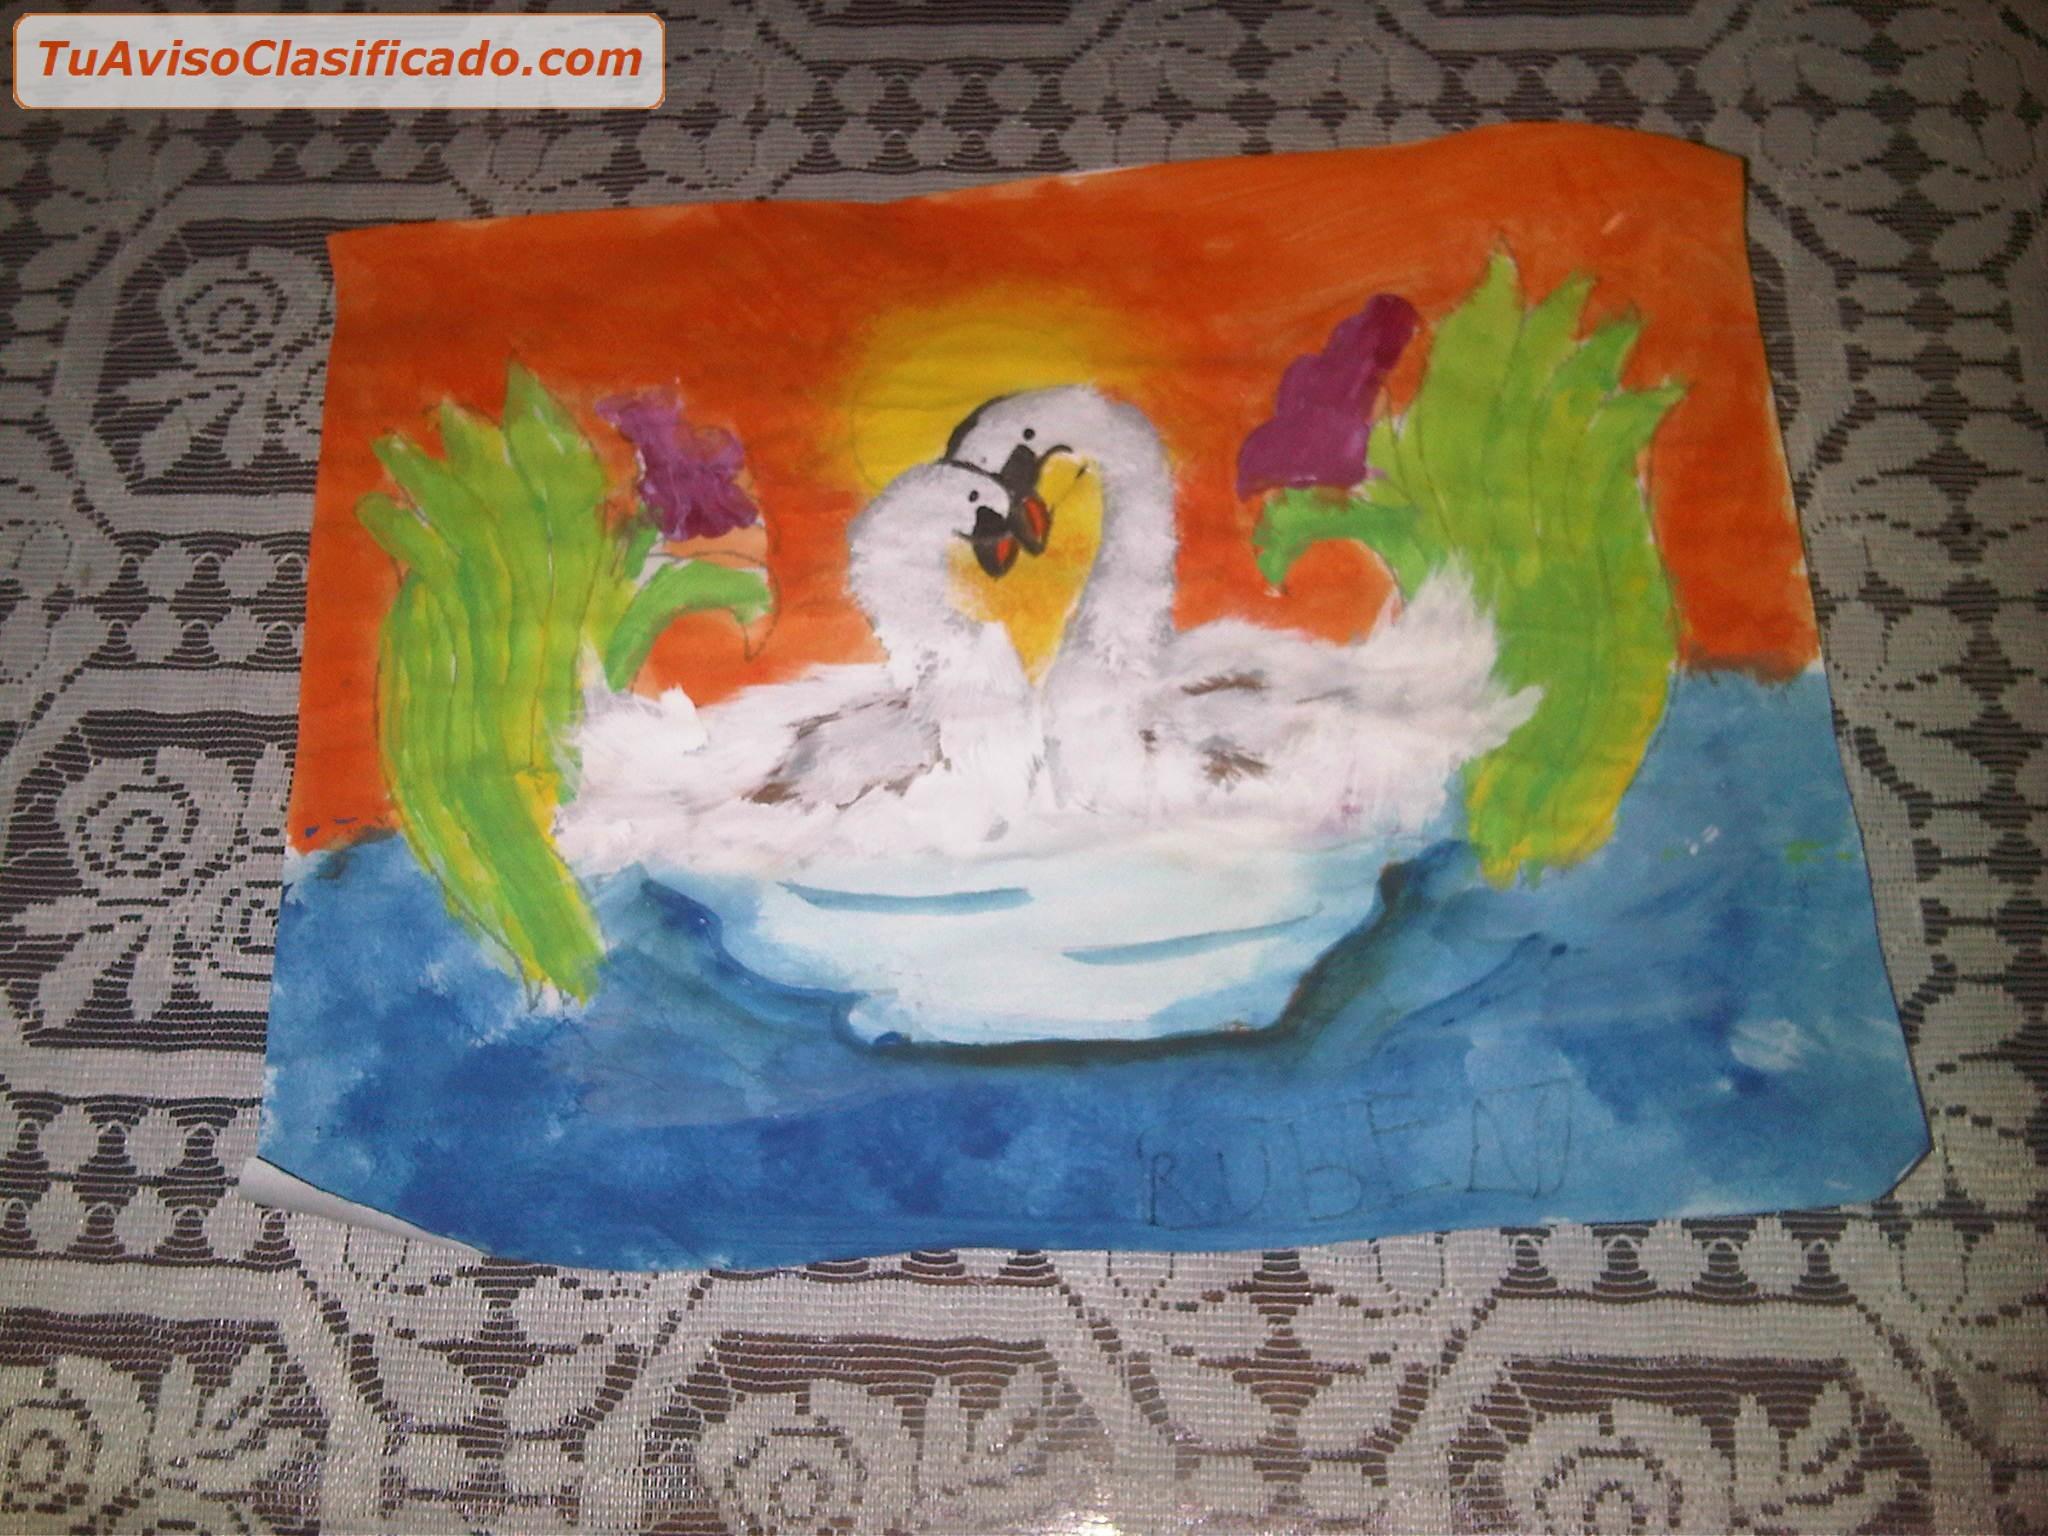 Clases de pintura para mujeres y niños - Cursos, Formación y Educa...